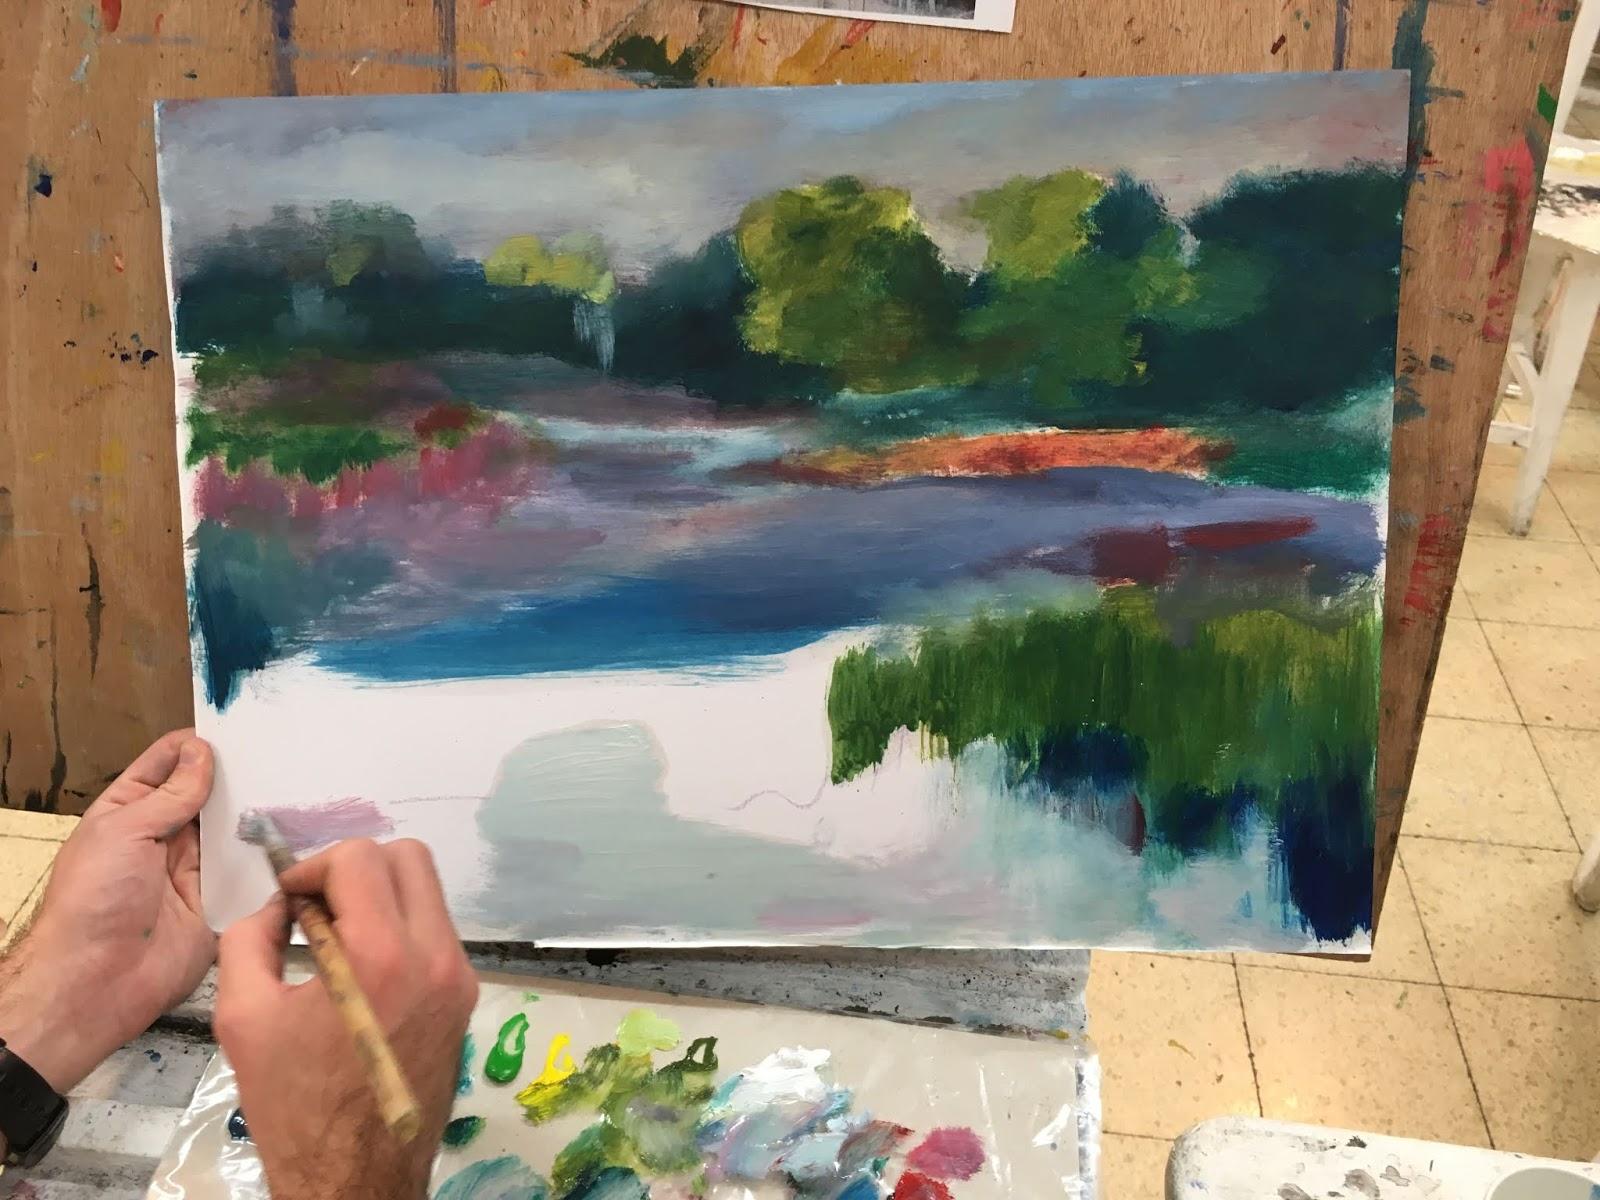 'לחשוף את השכבות'- השפה הציורית ותהליך העבודה של הצייר